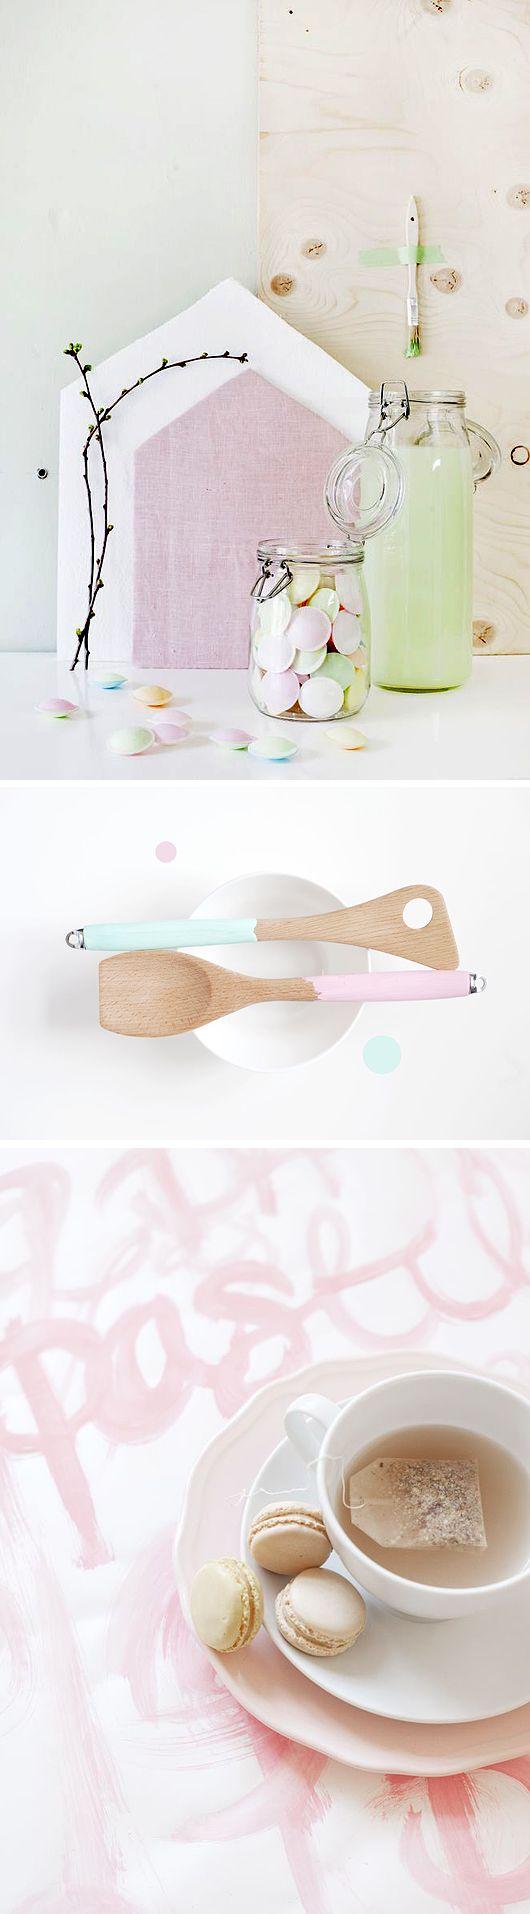 trendenser pastell för ikea inspiration